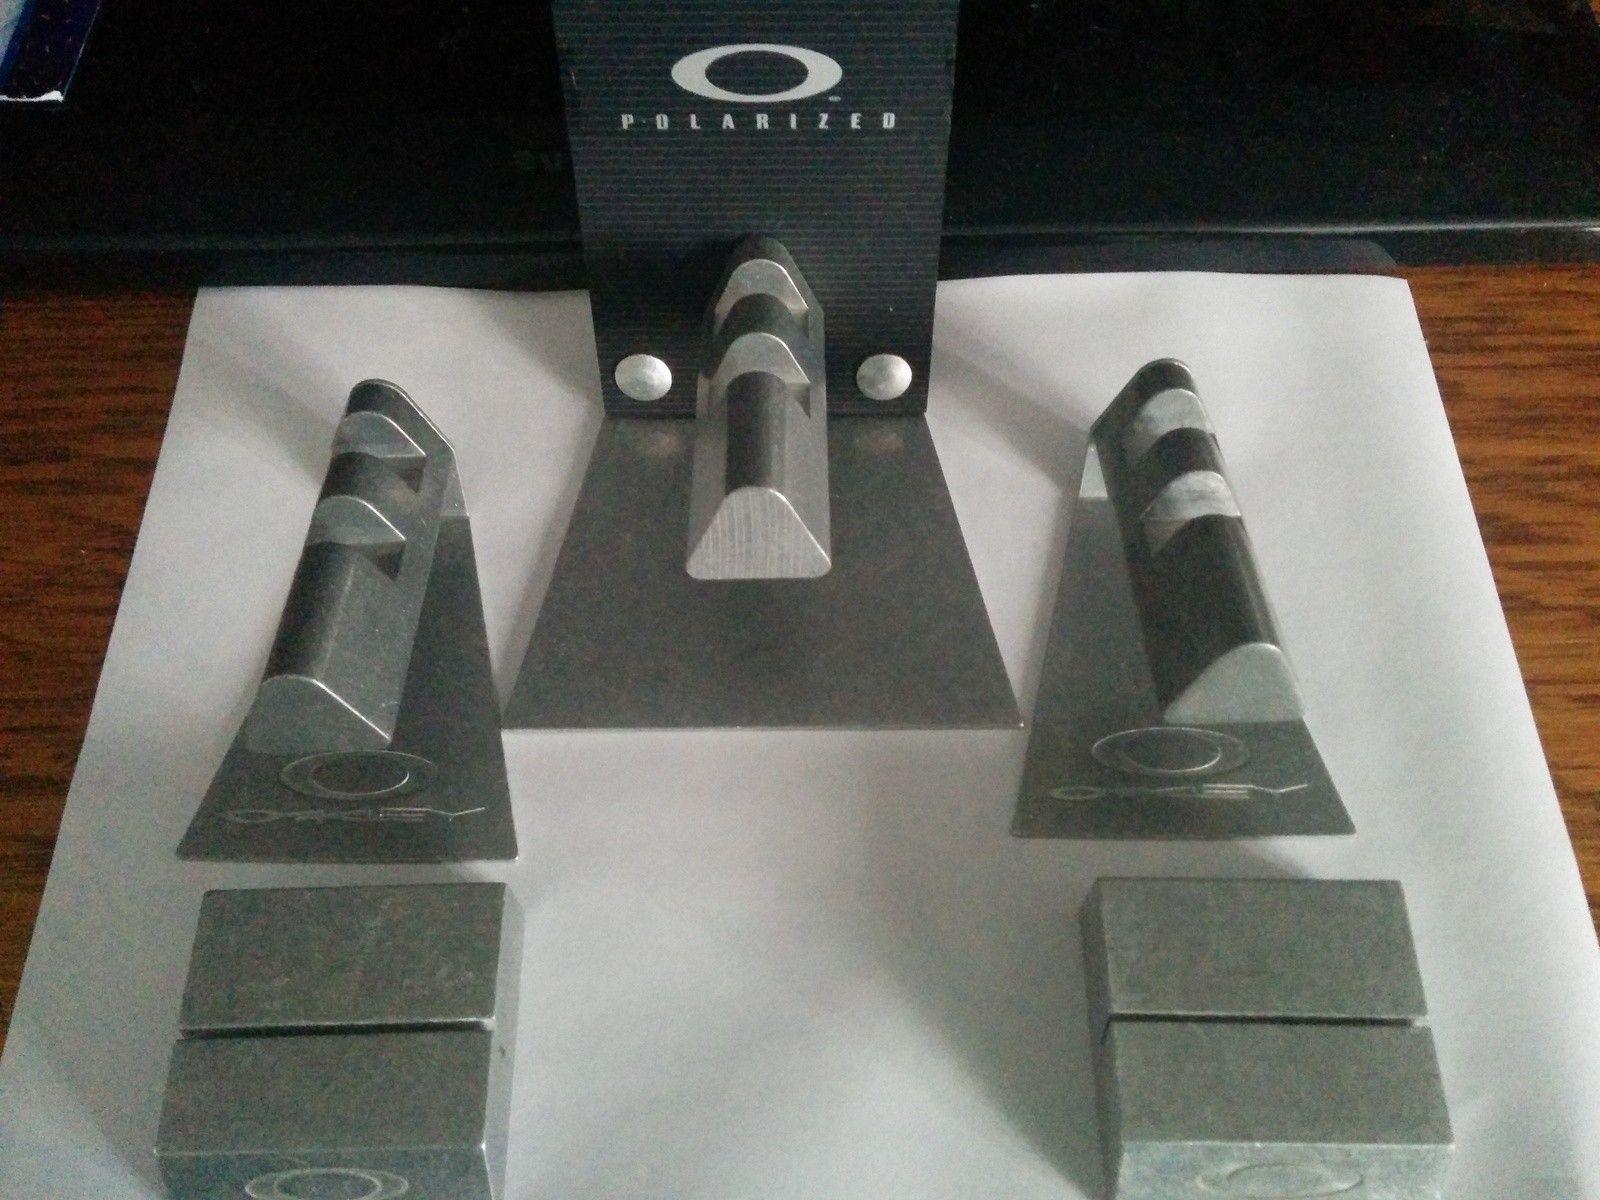 Display set, X- Metal stands and card holders - uploadfromtaptalk1423682500132.jpg